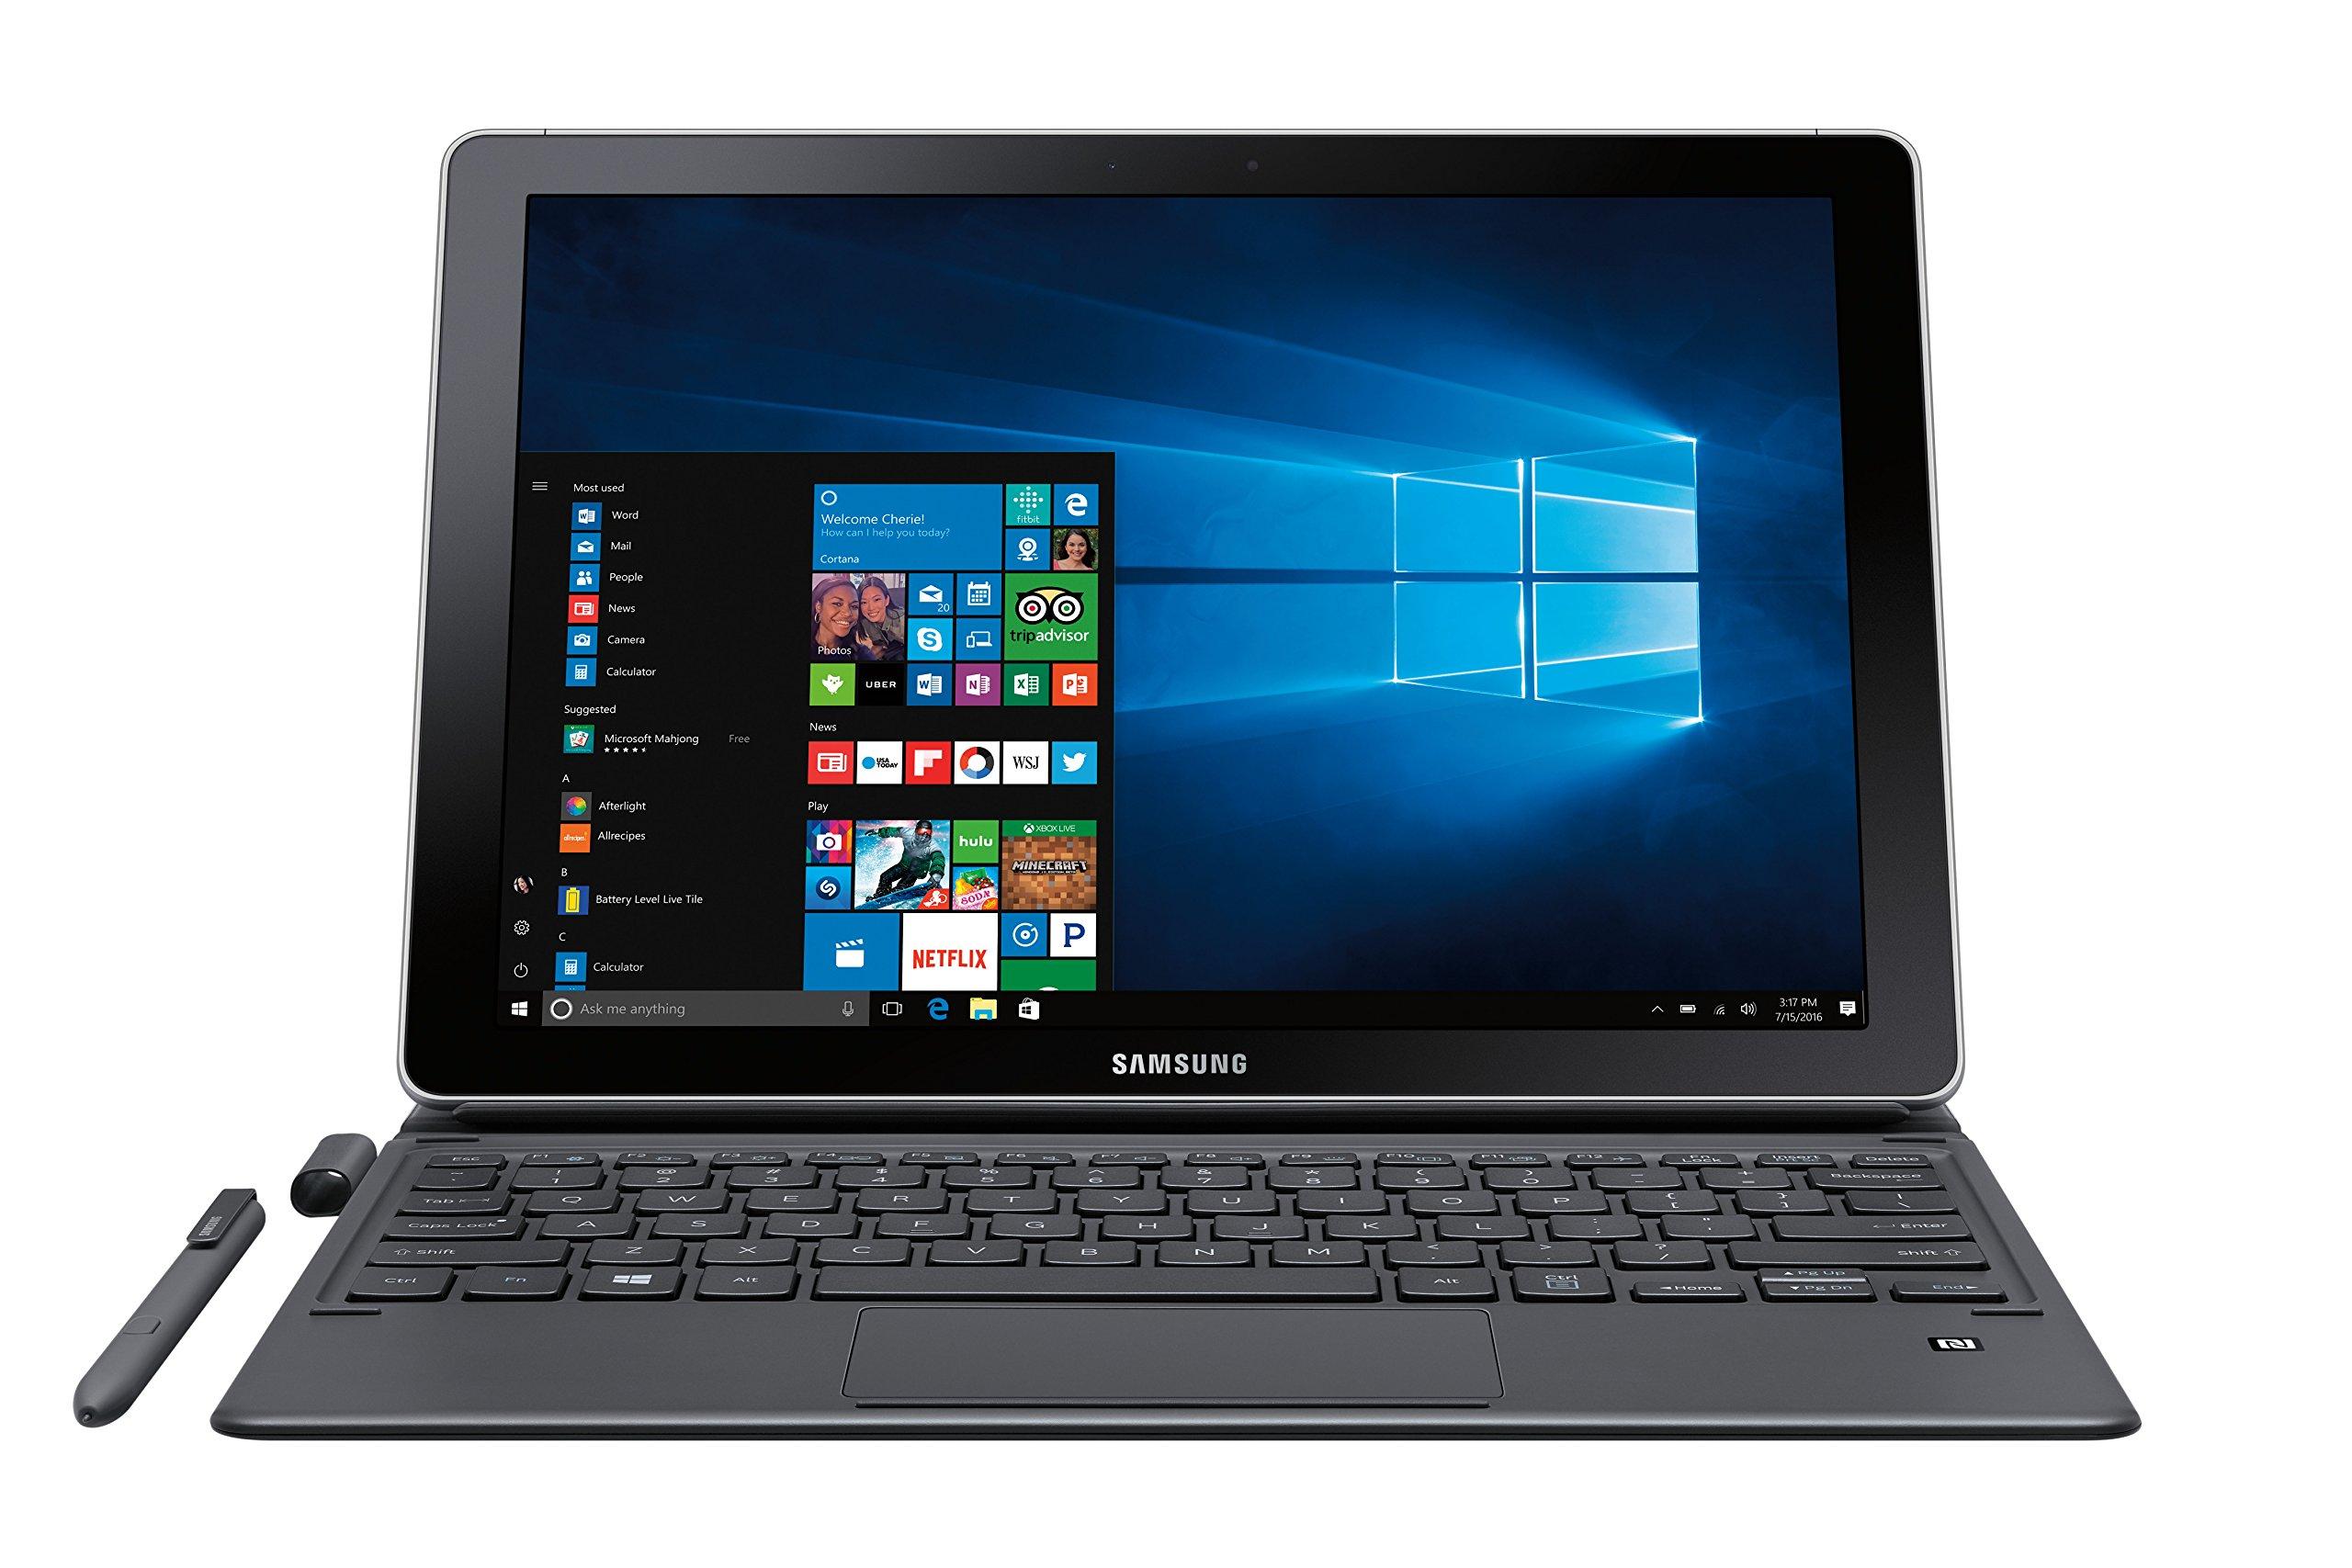 """Samsung Galaxy Book 12"""" Windows 2-in-1 PC (Wi-Fi) Silver, 8GB RAM/256GB SSD, SM-W720NZKAXAR by Samsung (Image #4)"""